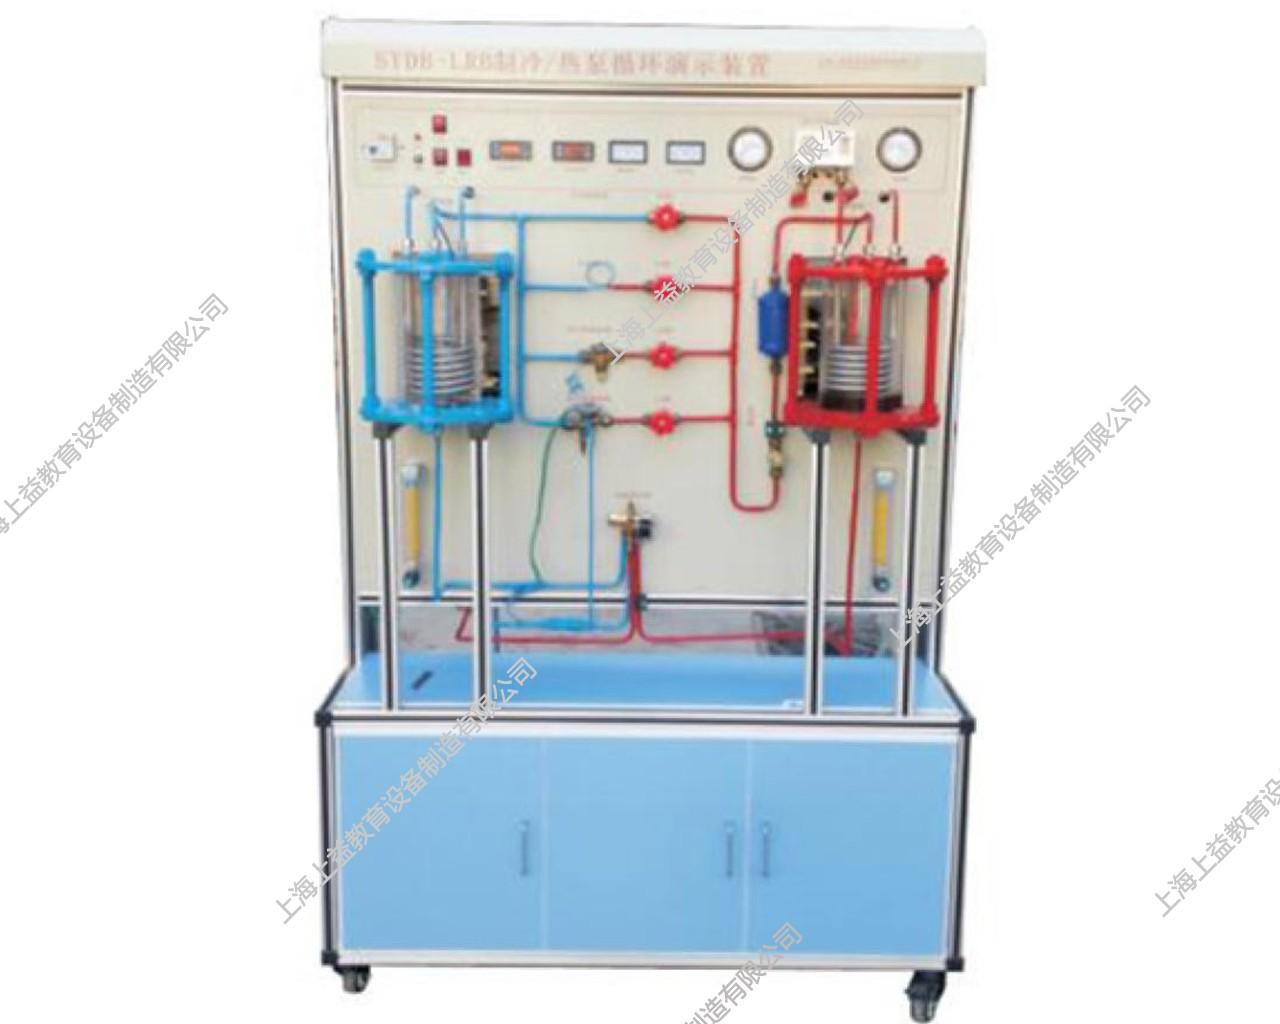 SYDB-LRB制冷[热泵]循环演示装置